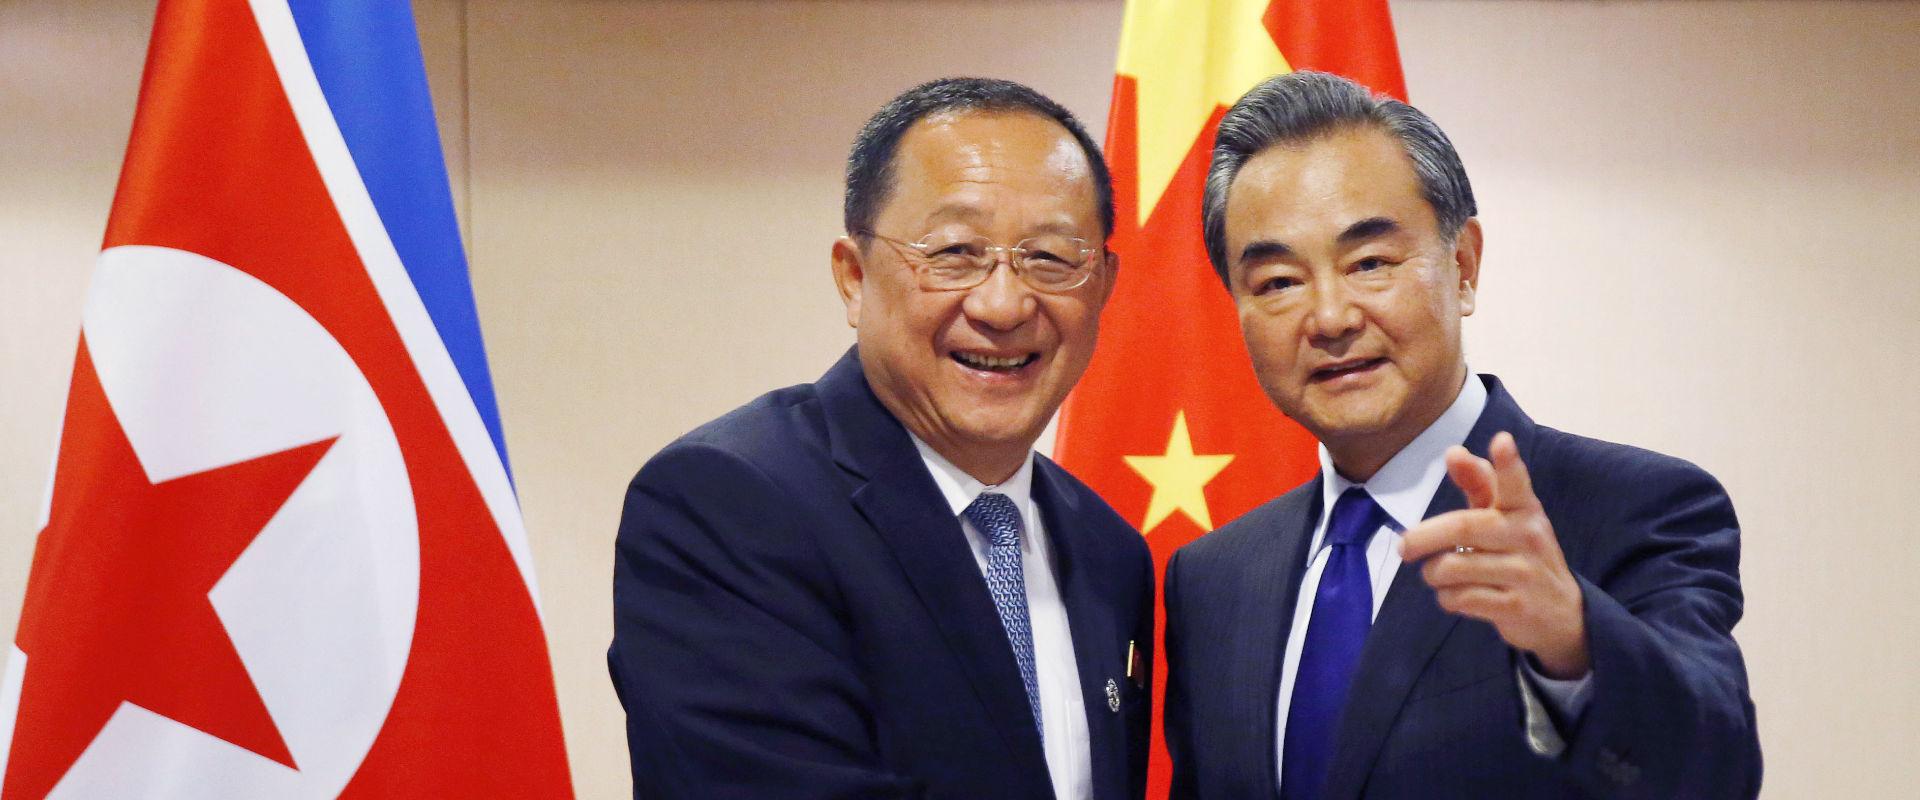 שרי החוץ של סין וקוריאה הצפונית